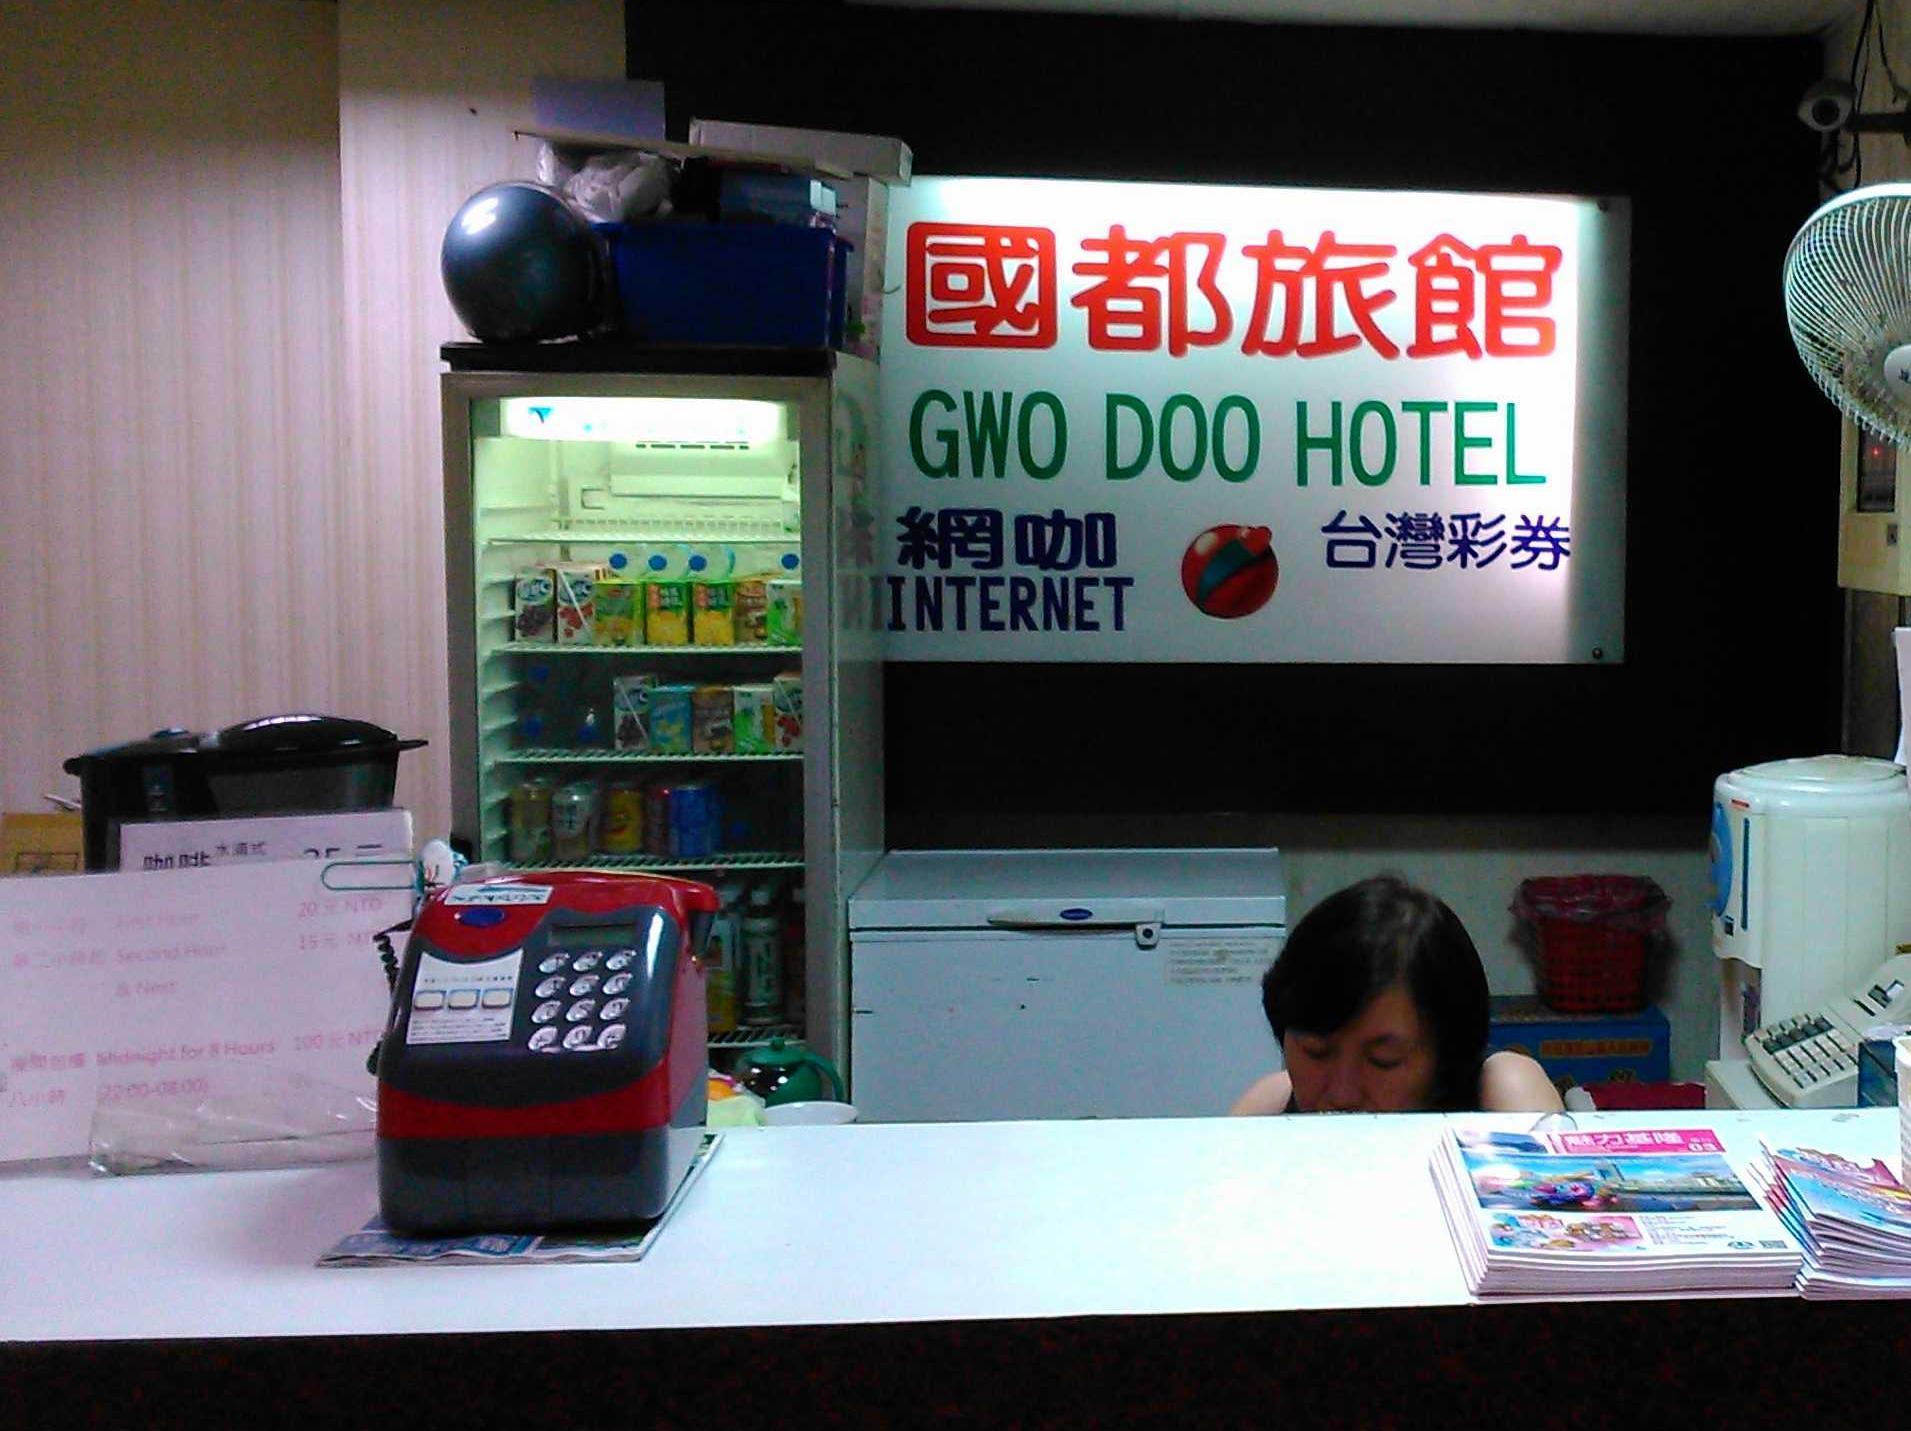 Gwodoo Hotel 国都旅馆